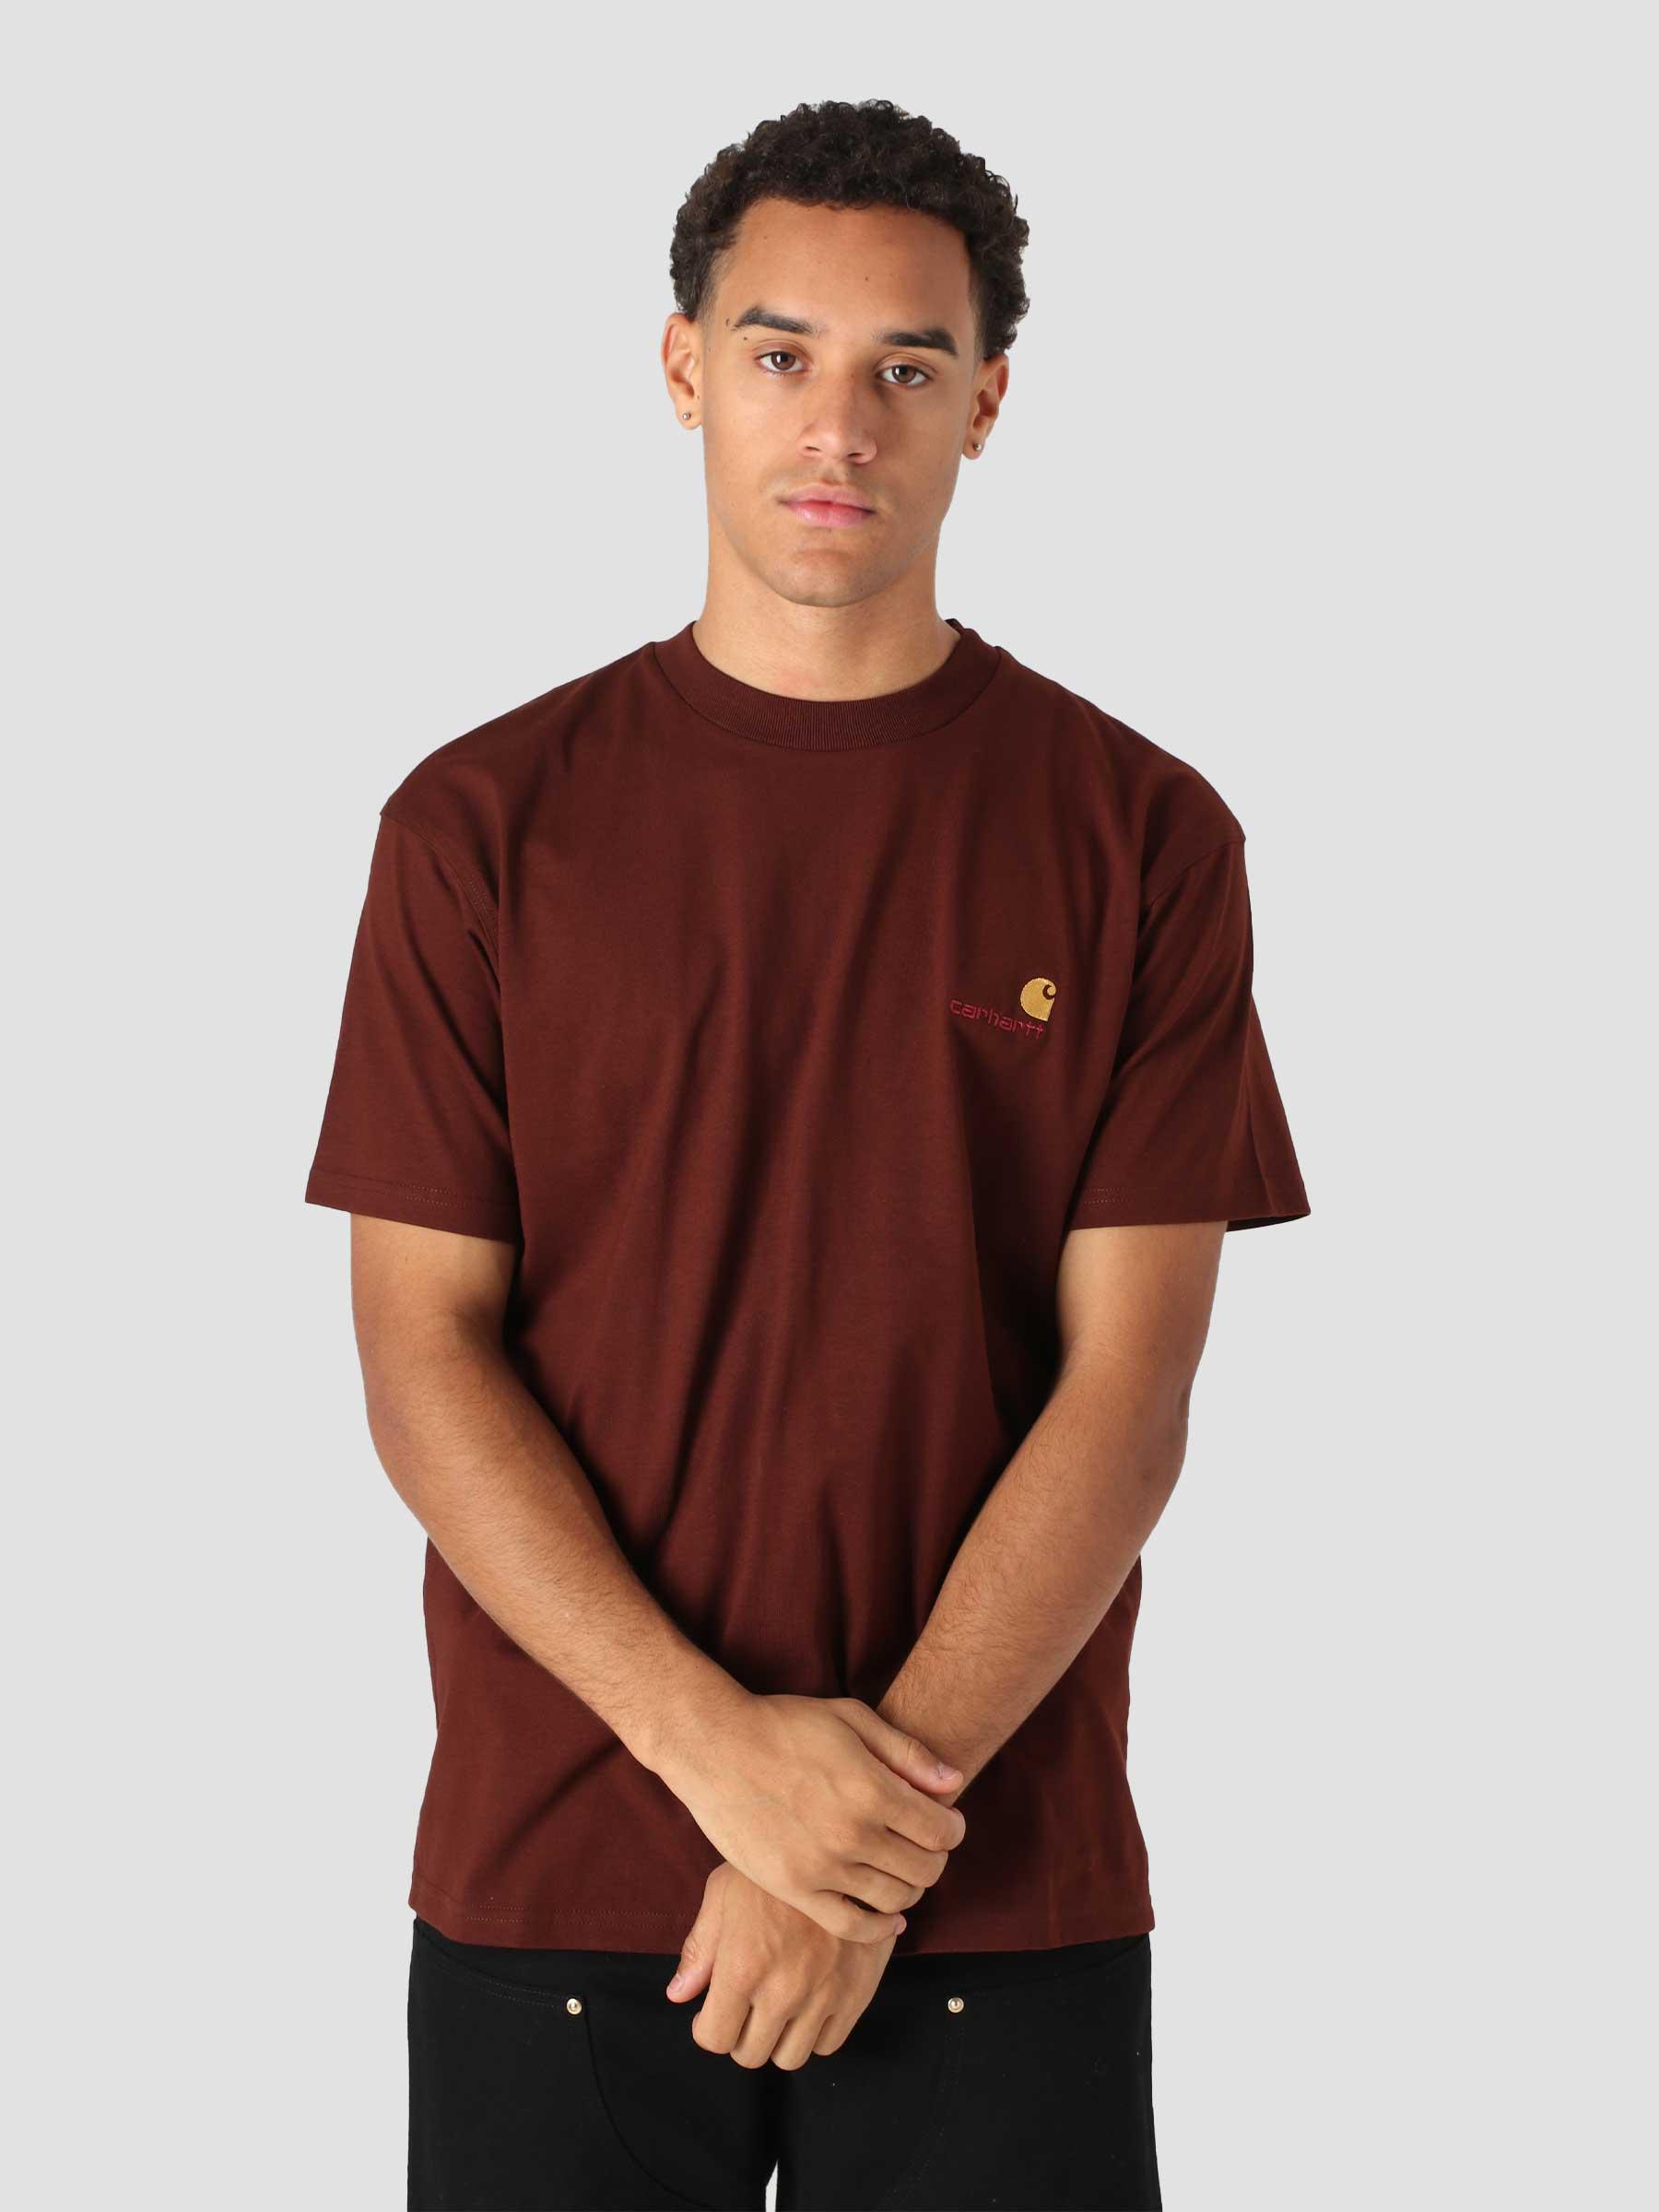 American Script T-Shirt Offroad I029956